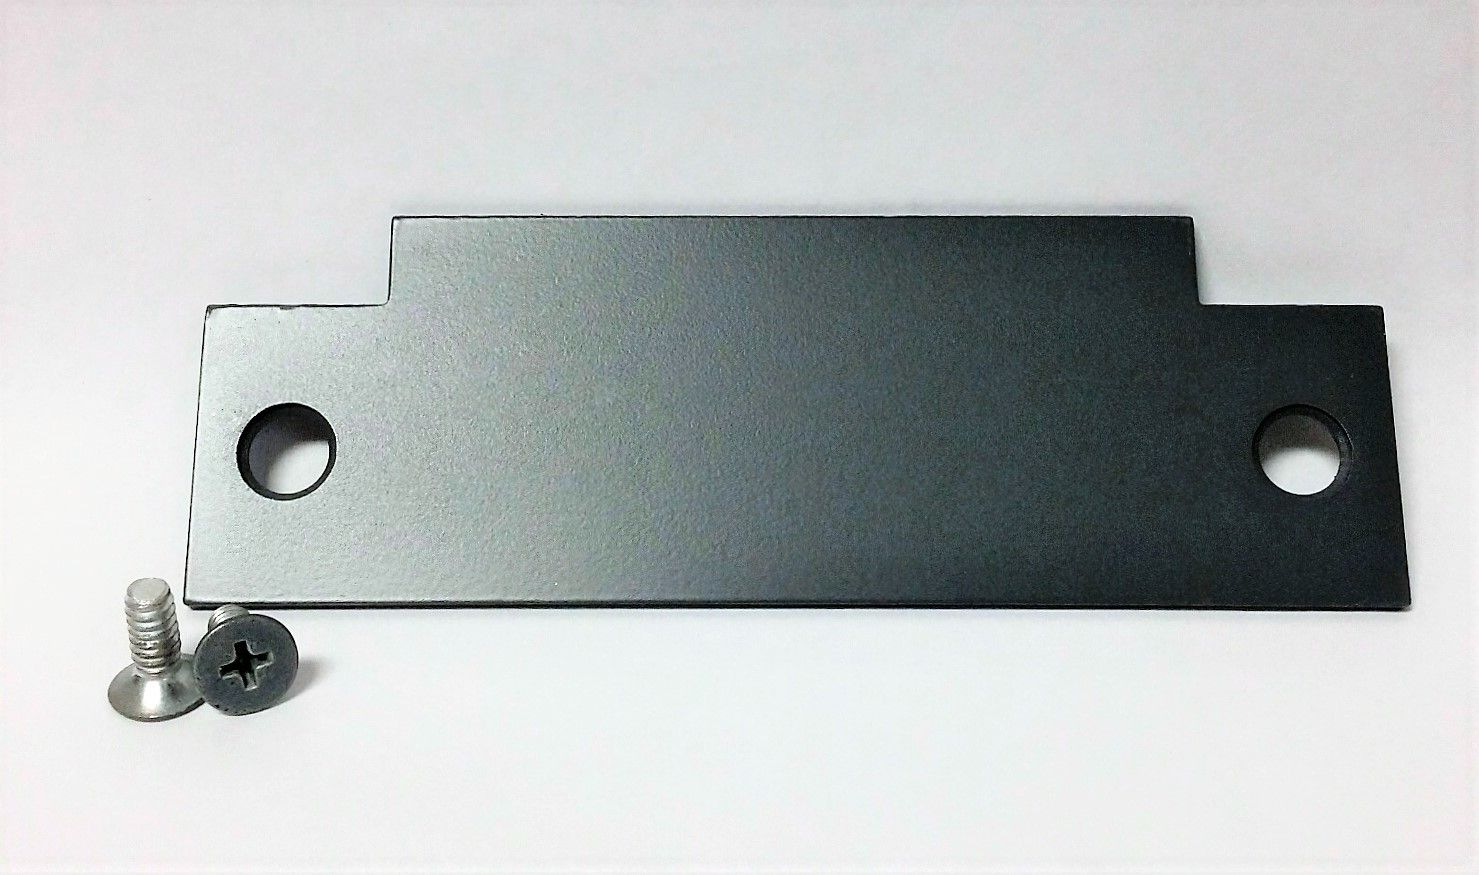 Filler Plate In Prime Coat Finish By Tuff Strike 1 1 4 X 4 7 8 Tuffstrike Homeimprovement Diy Fillerplate Door Reinforcement Security Door Entry Doors